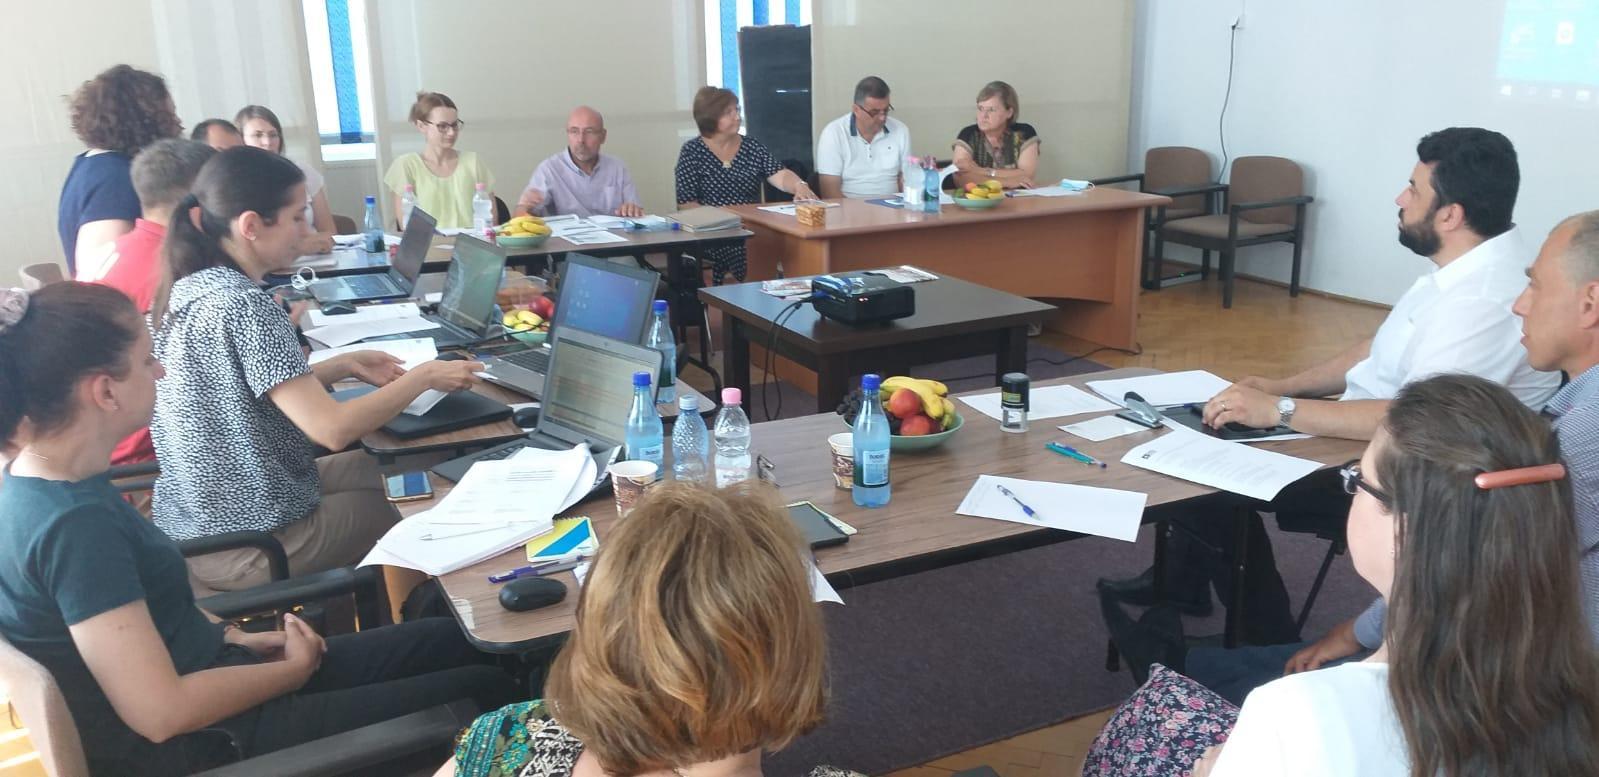 """""""Prin educație spre locuri de muncă decente!"""", un proiect ambițios al AFOS în parteneriat cu ISJ, Fundația Open Fields și o fundație din Elveția"""